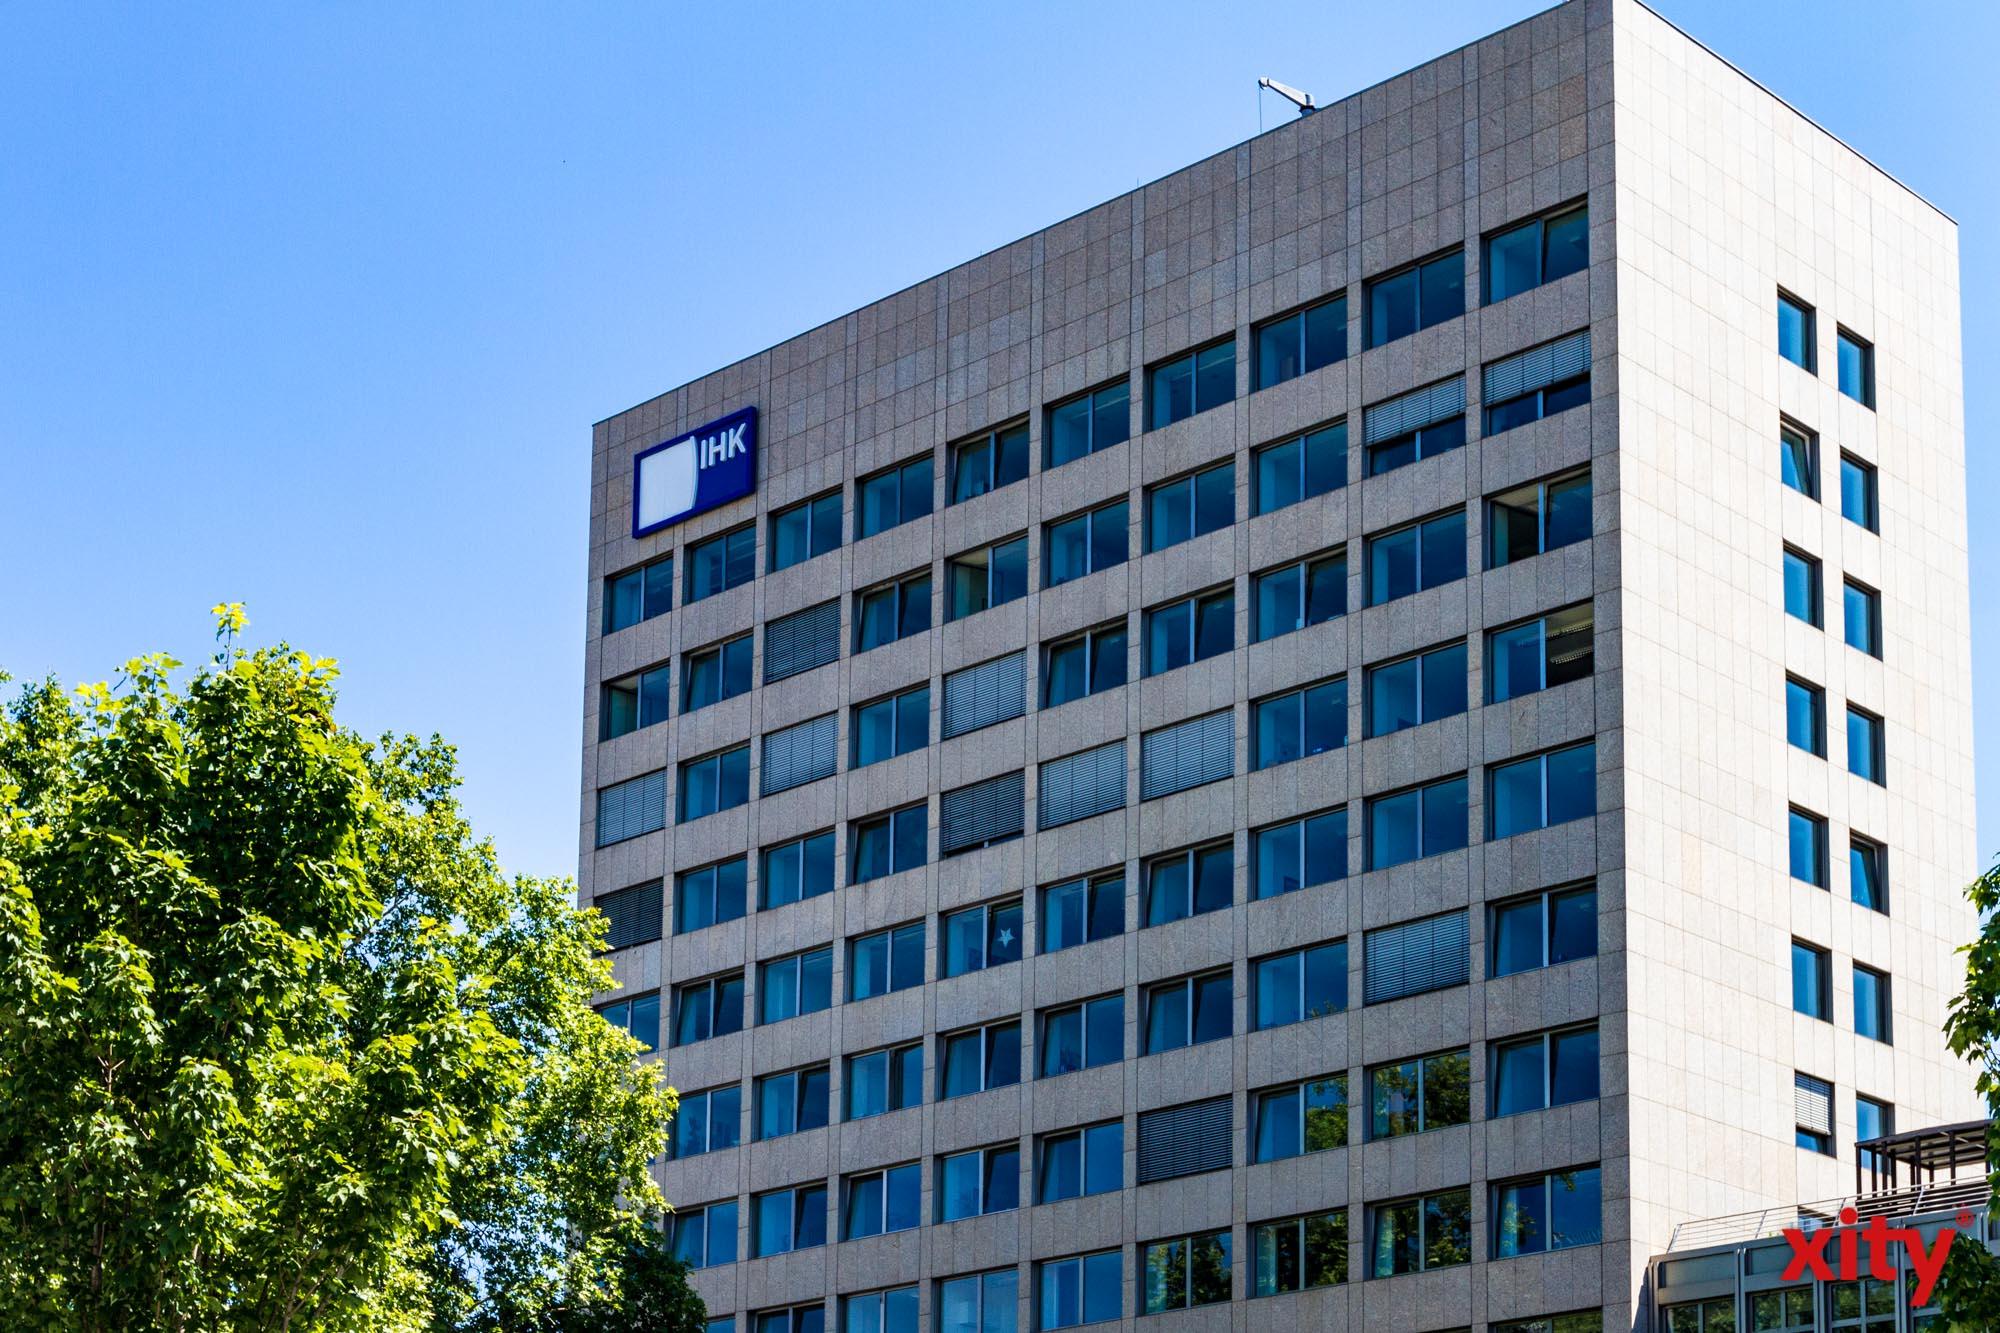 Die IHK Düsseldorf bietet ein Webinar zu den Auswirkungen der Corona-Krise im internationalen Geschäft an. (Foto: xity)